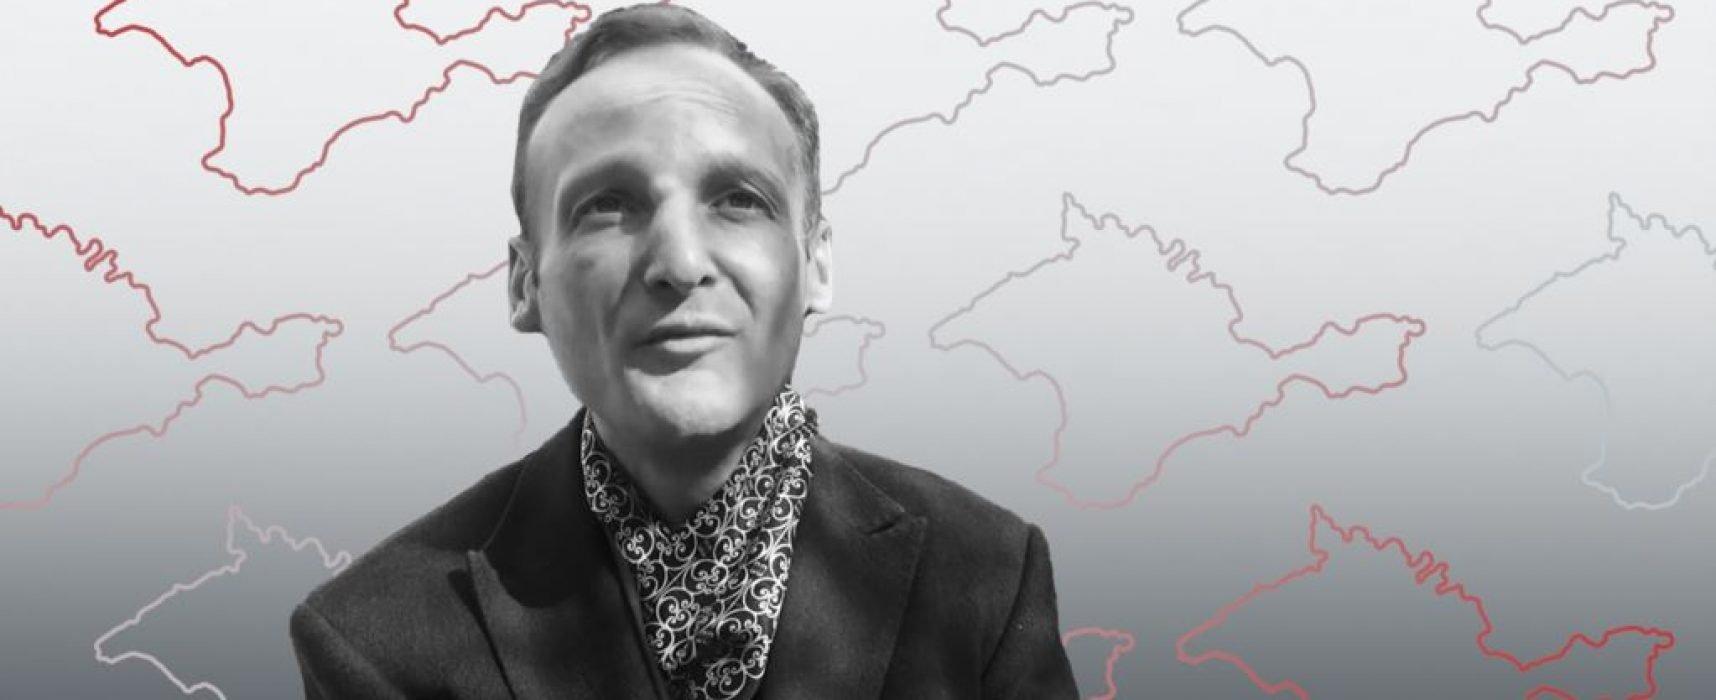 «Це може статися із будь-ким у Криму»: чому видворяють блогера Гайворонського